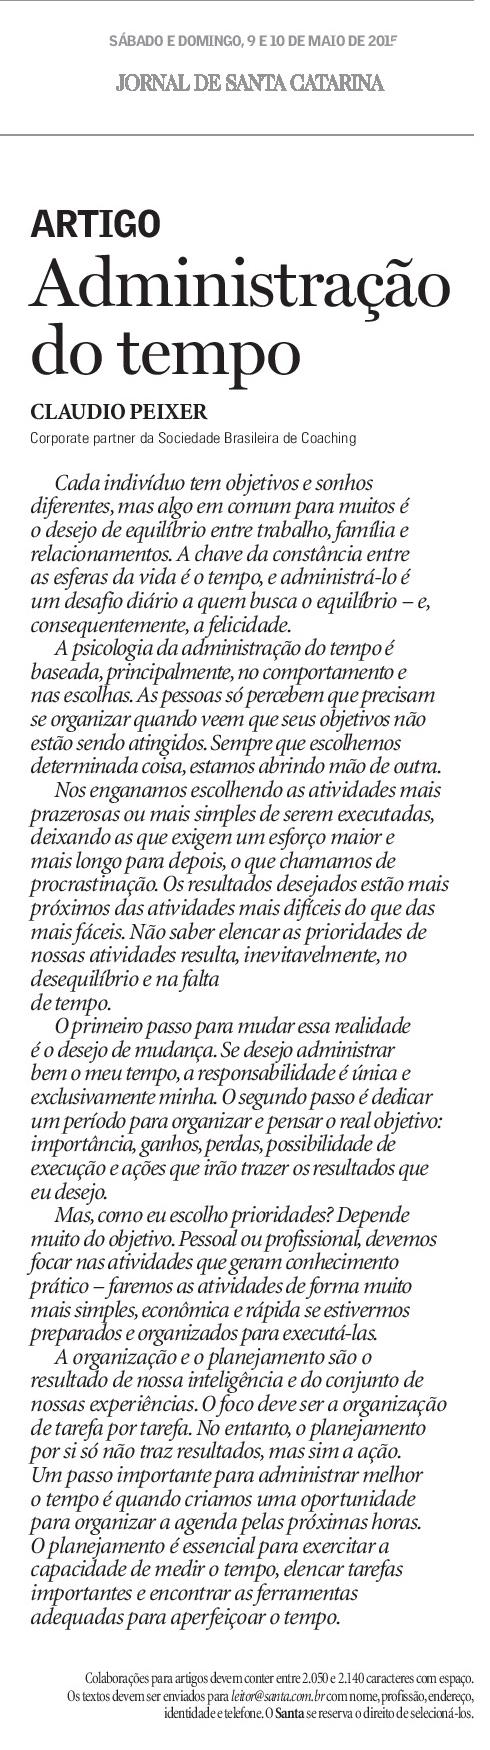 Administração do Tempo - Claudio Peixer